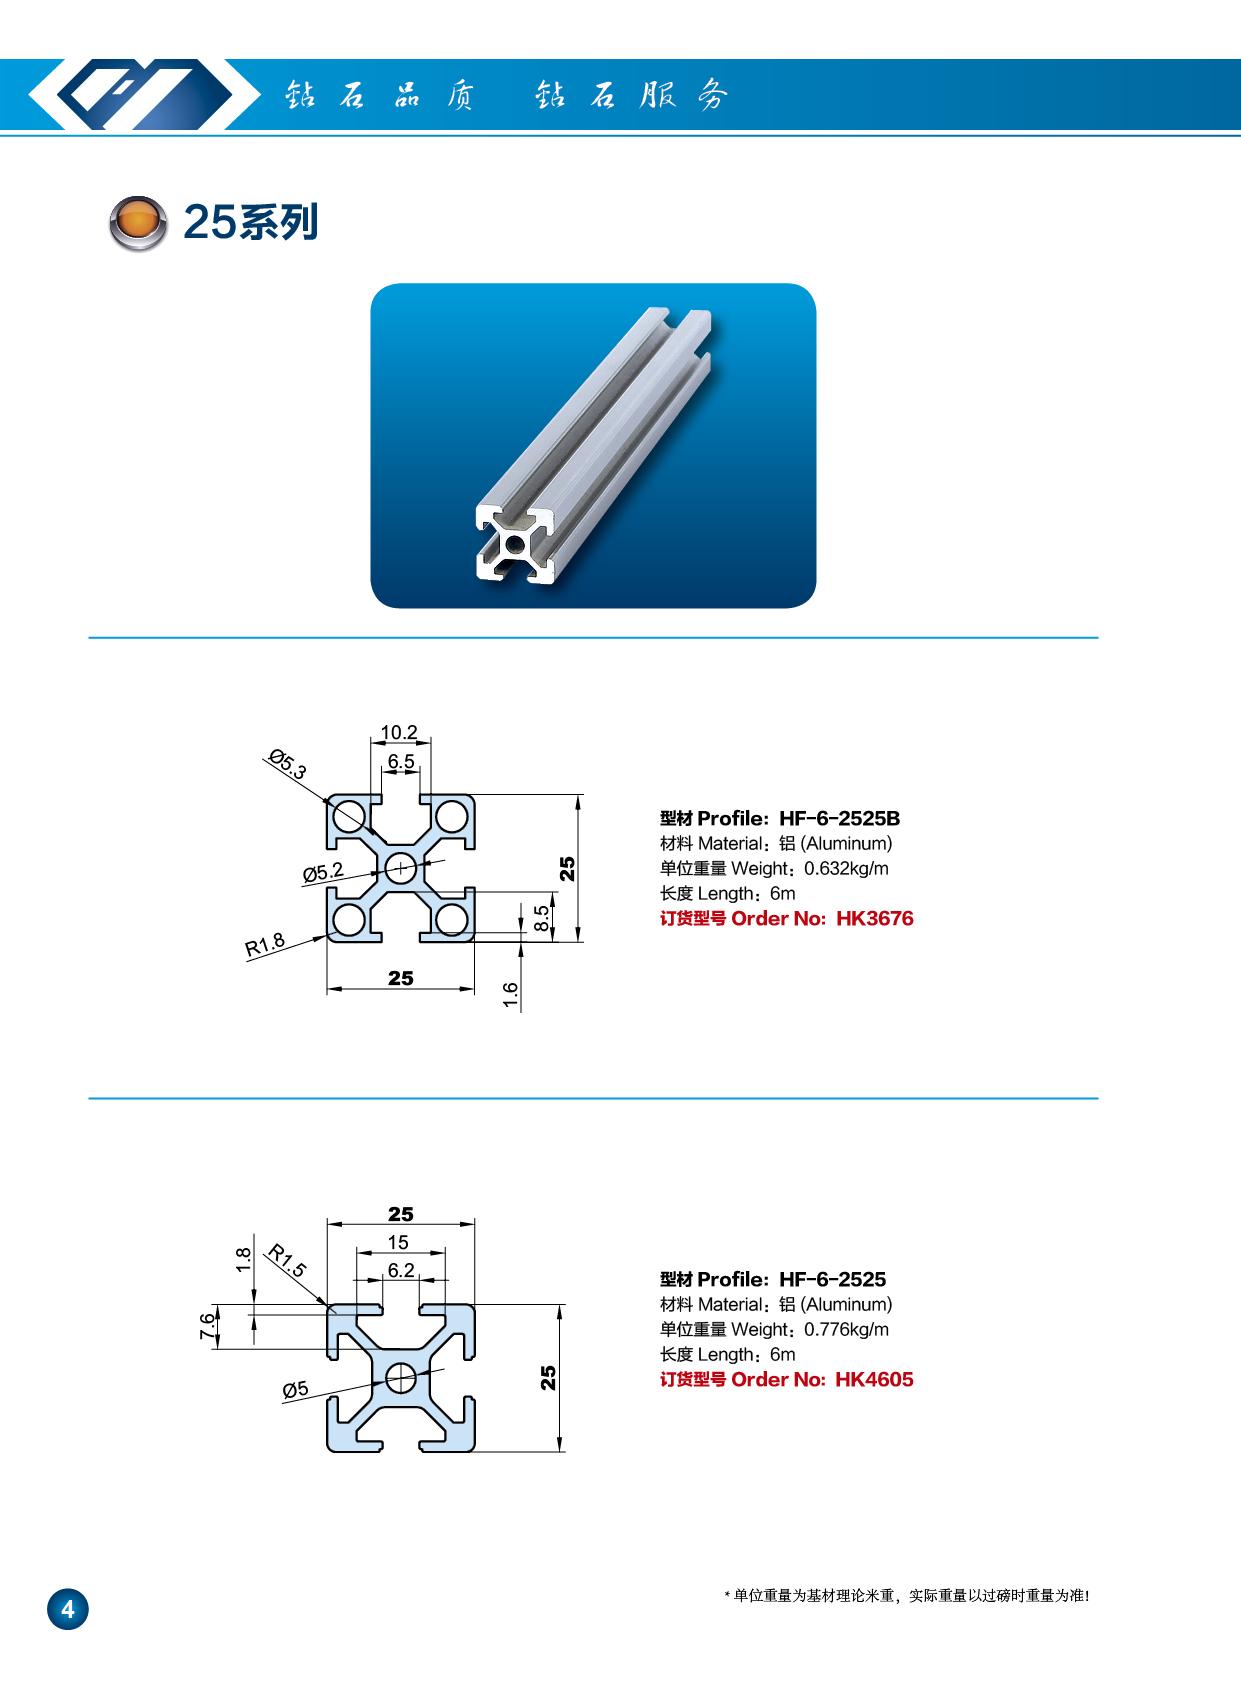 25系列工业铝型材